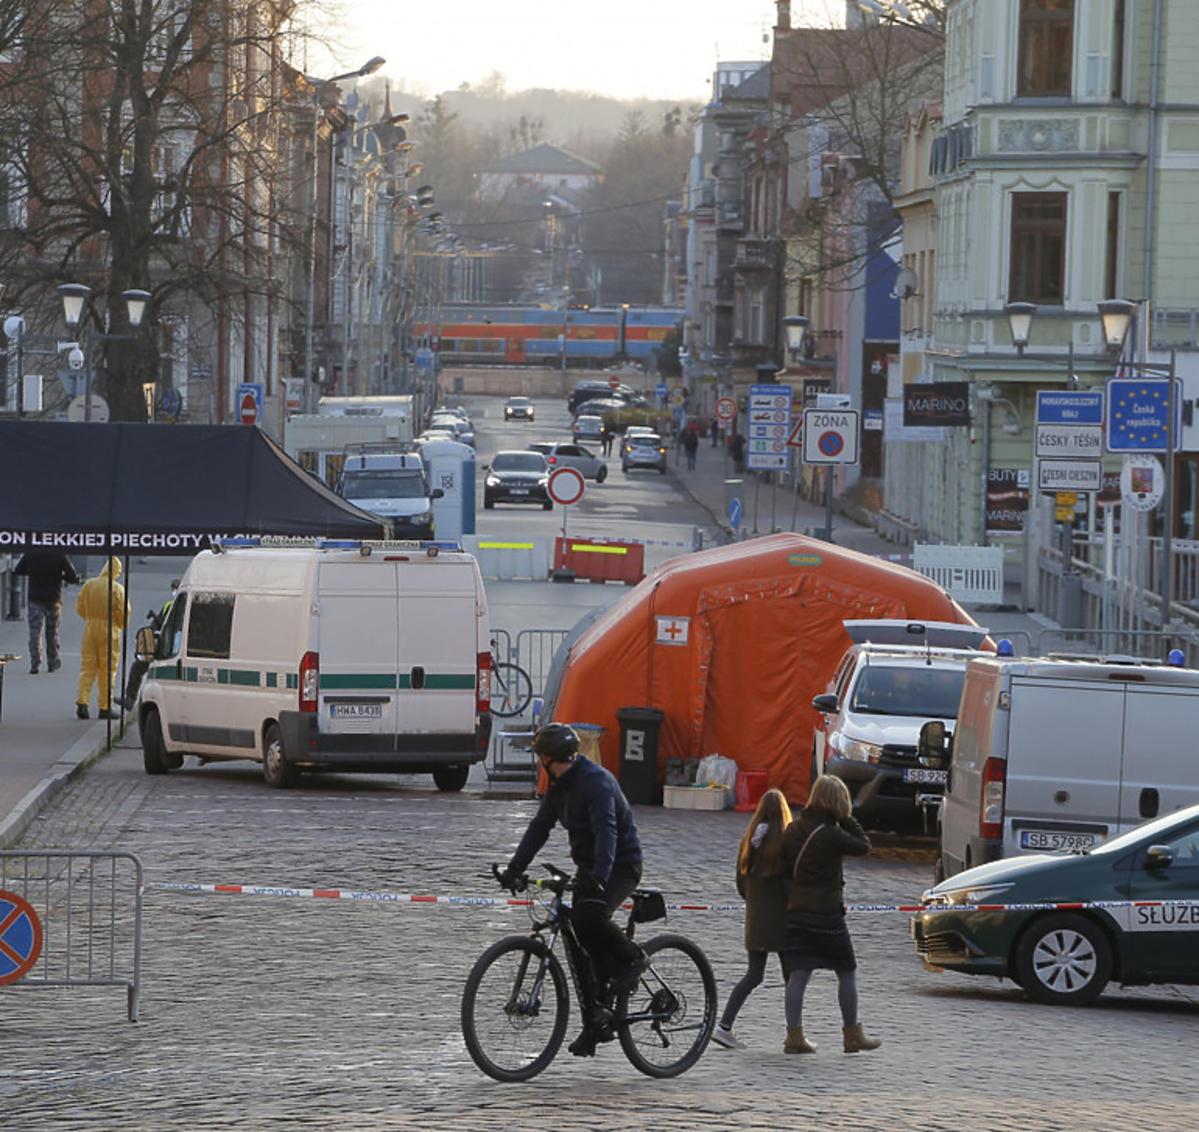 Czechy walczą z koronawirusem, zamknięta granica w Cieszynie